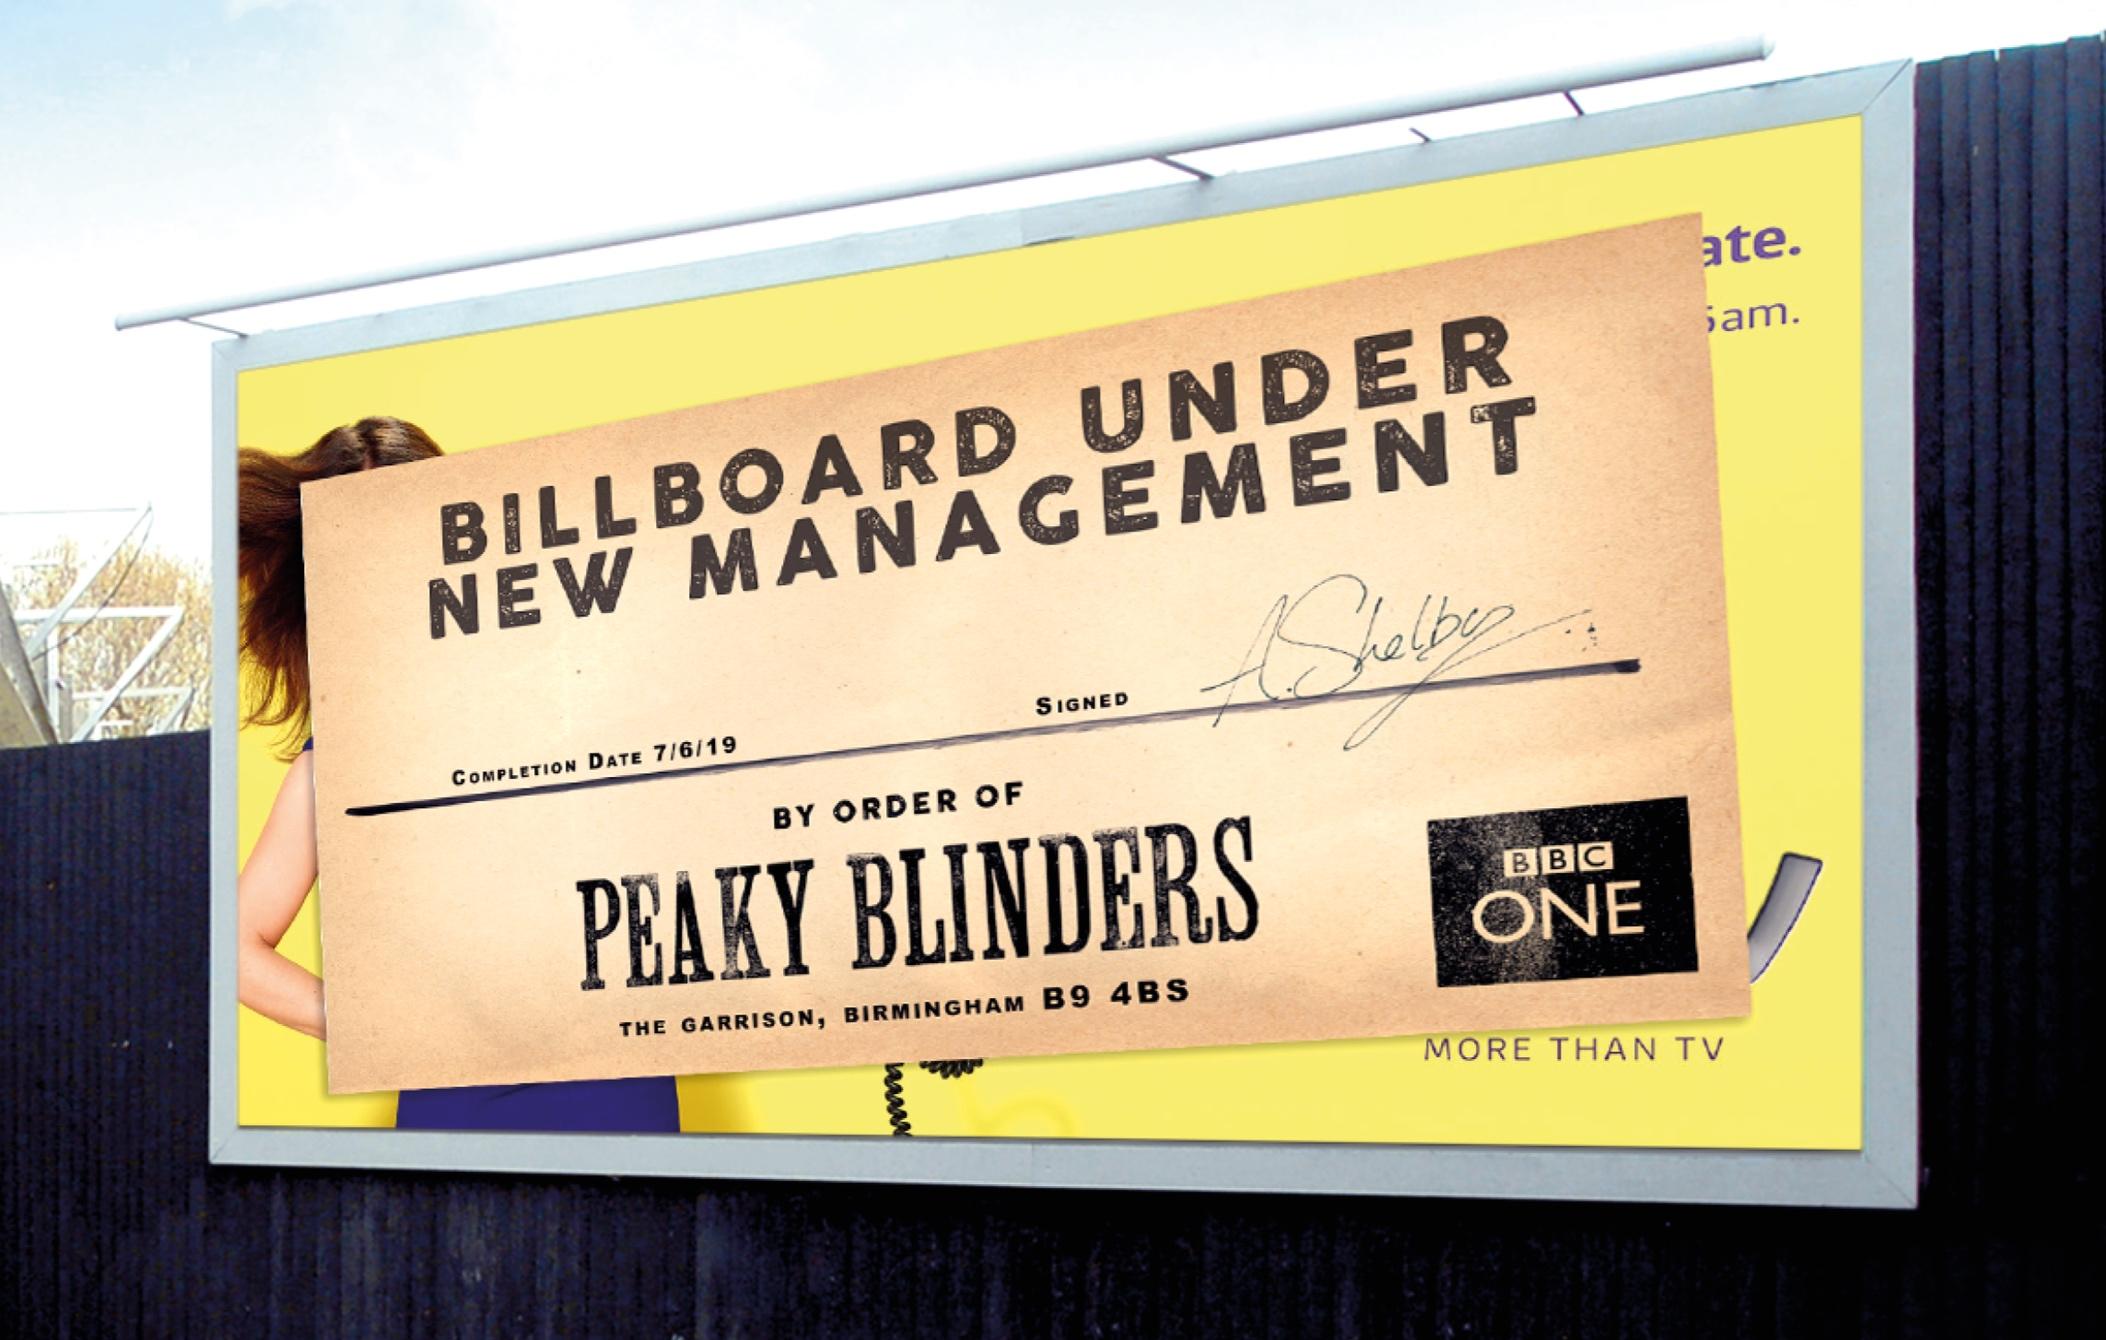 Peaky+Blinders+billboard.jpg